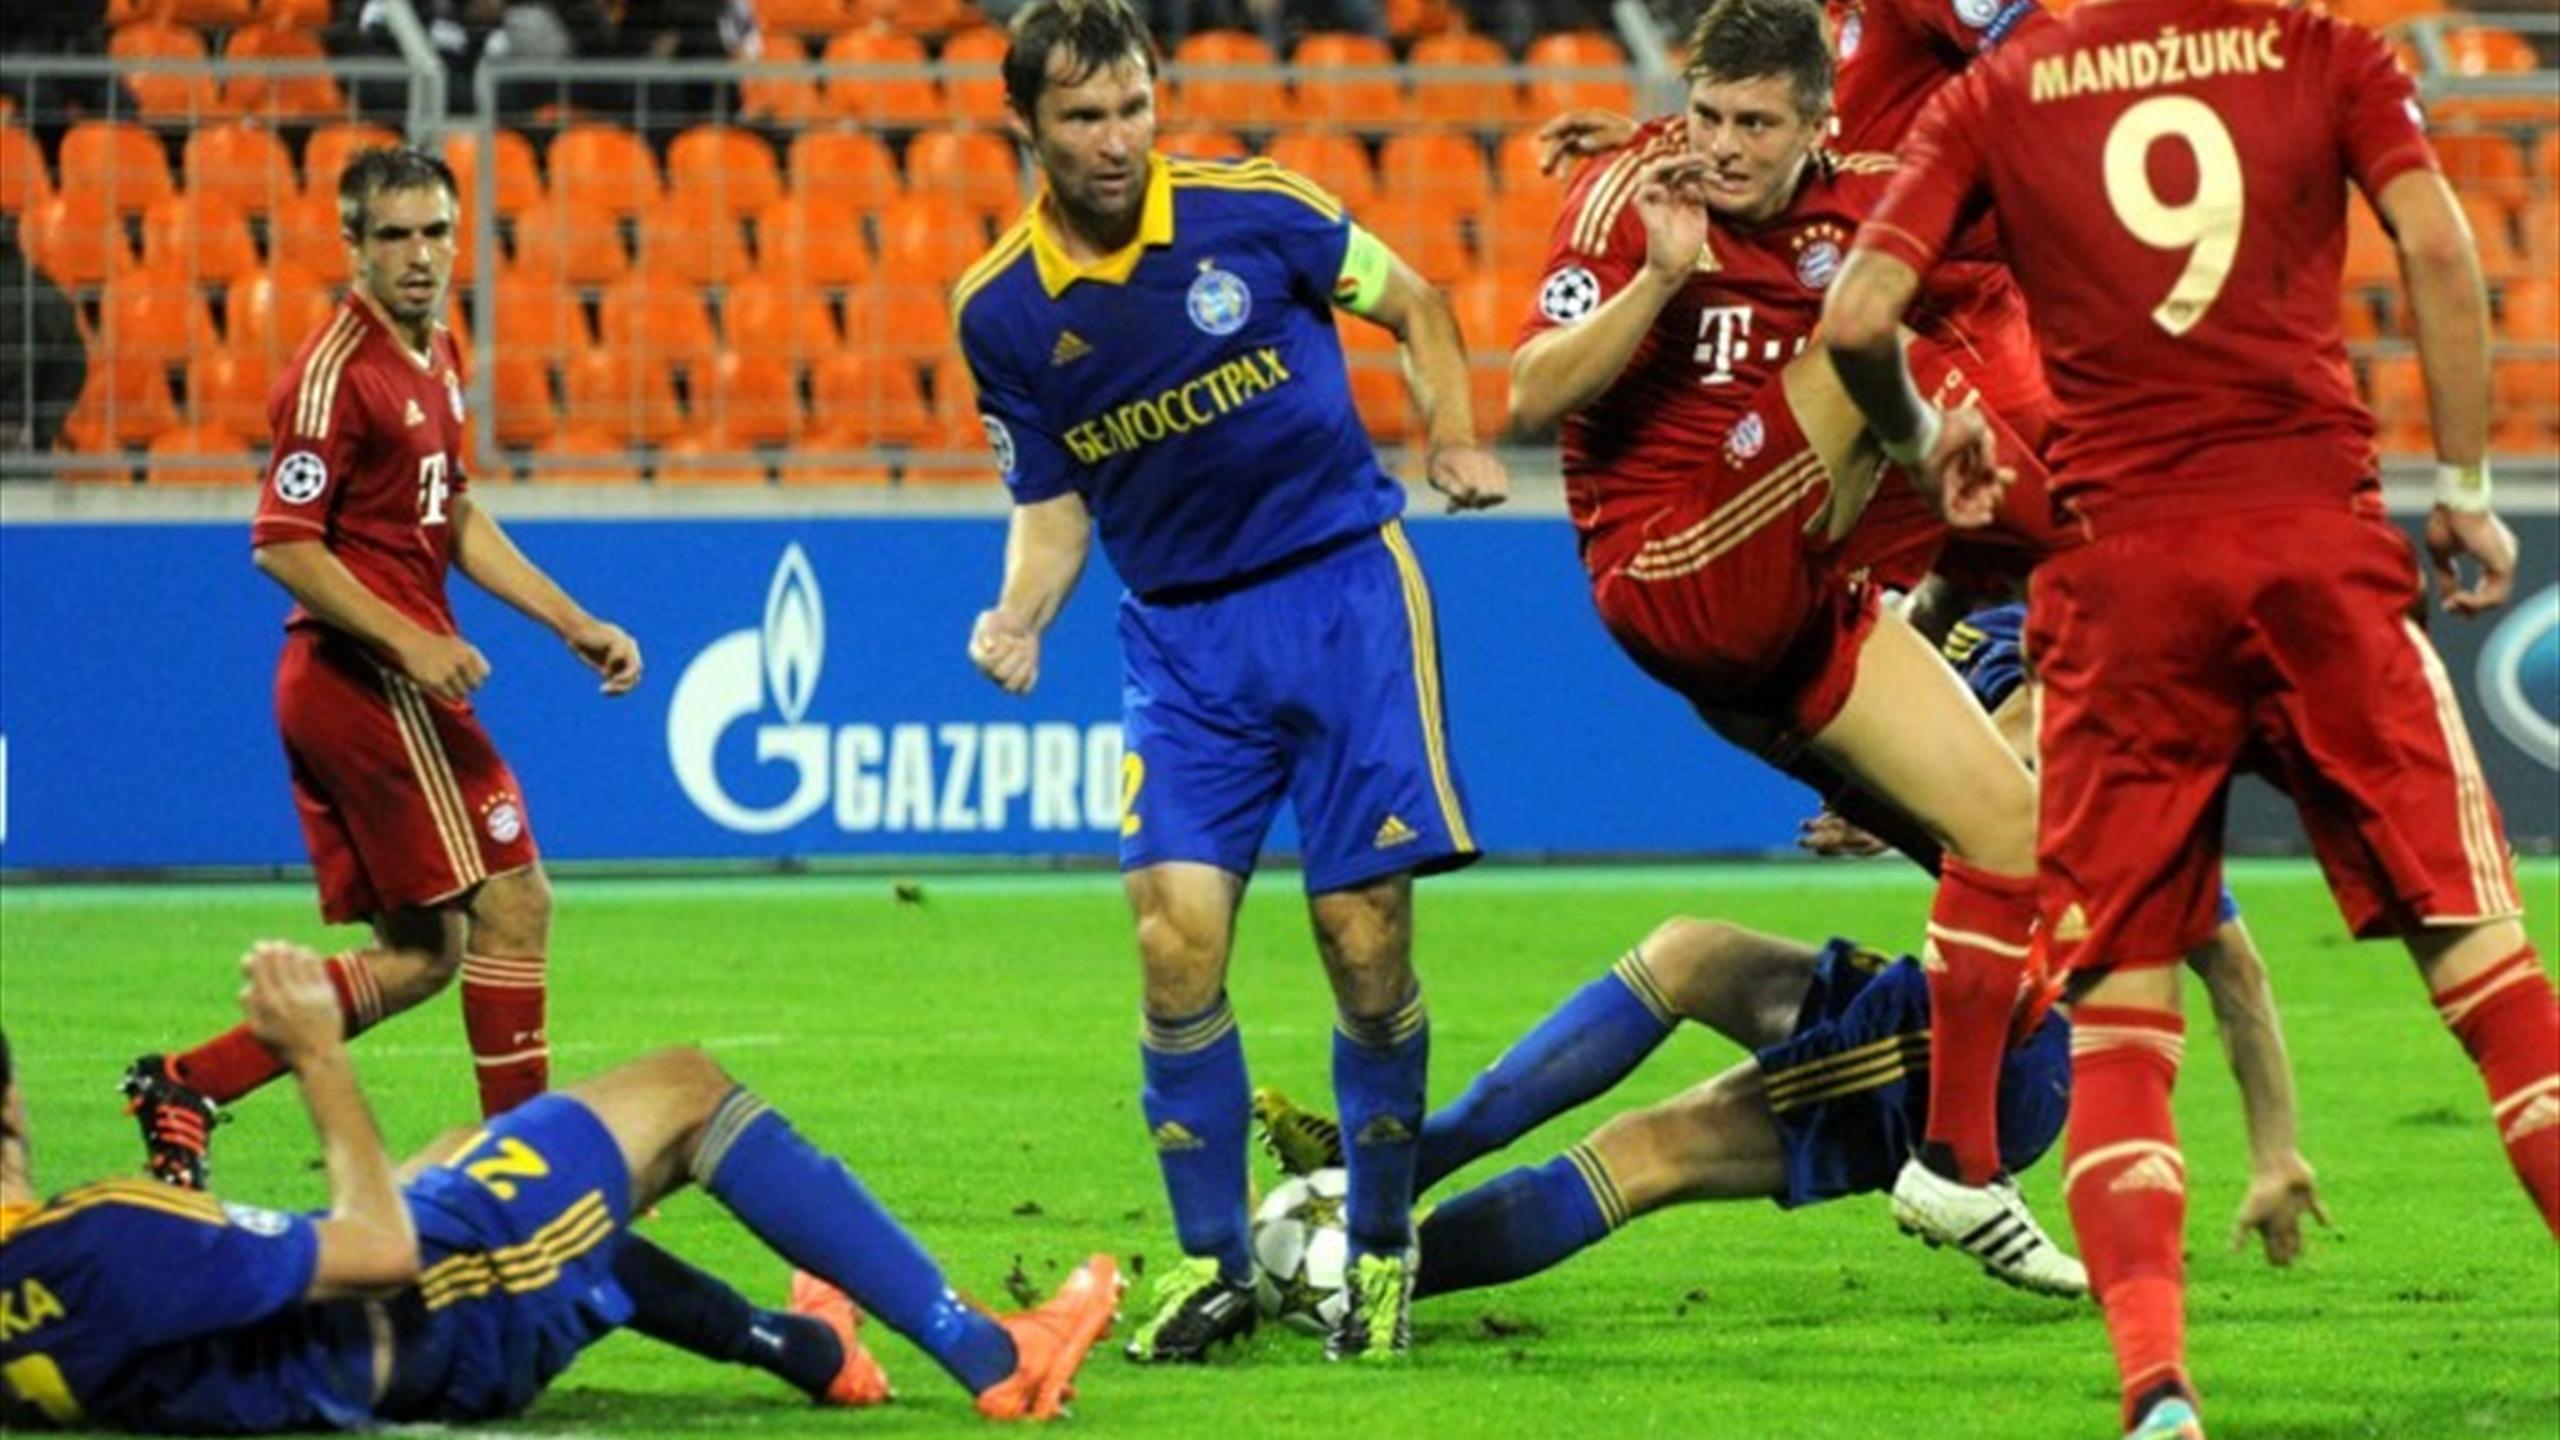 Лига чемпионов футбол 2 матч в 2009году бавария барселона